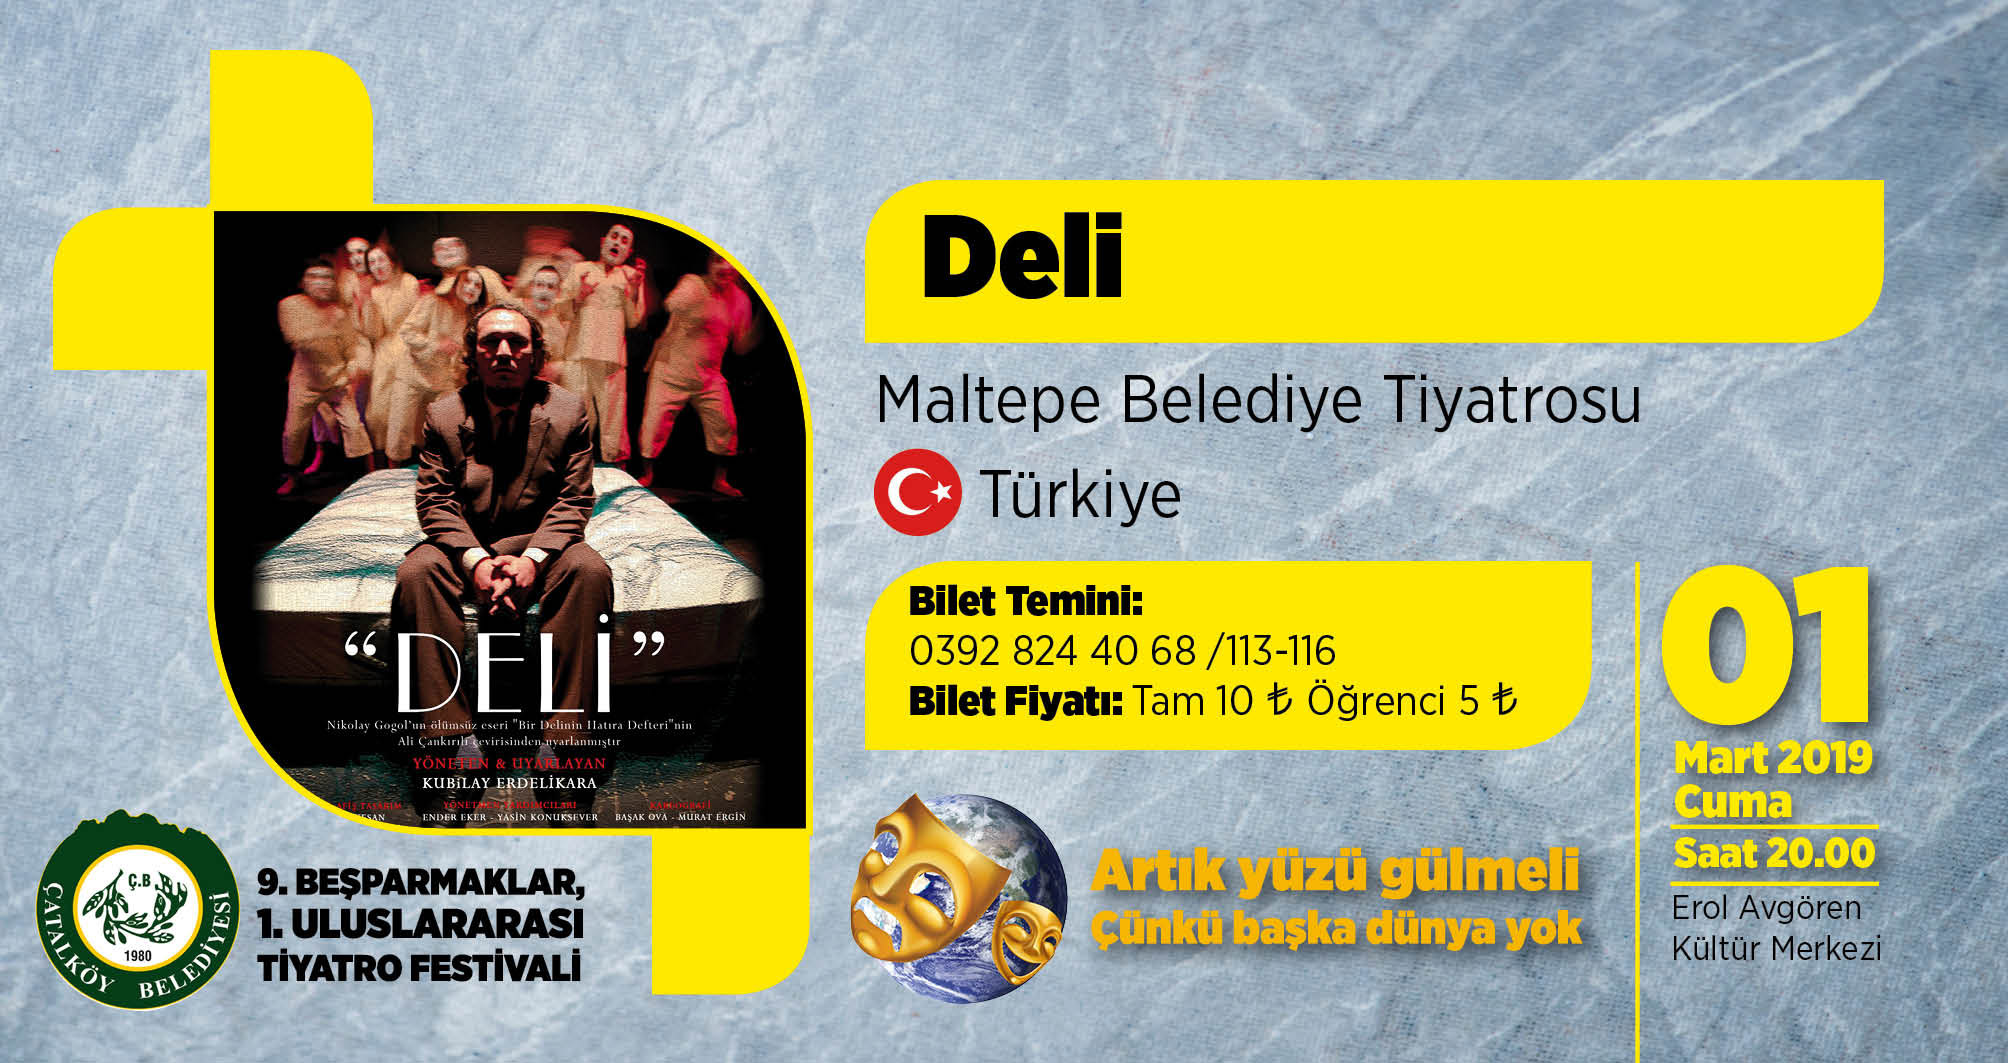 Uluslararası Beşparmaklar Tiyatro Festivali 'Deli' ile başlıyor